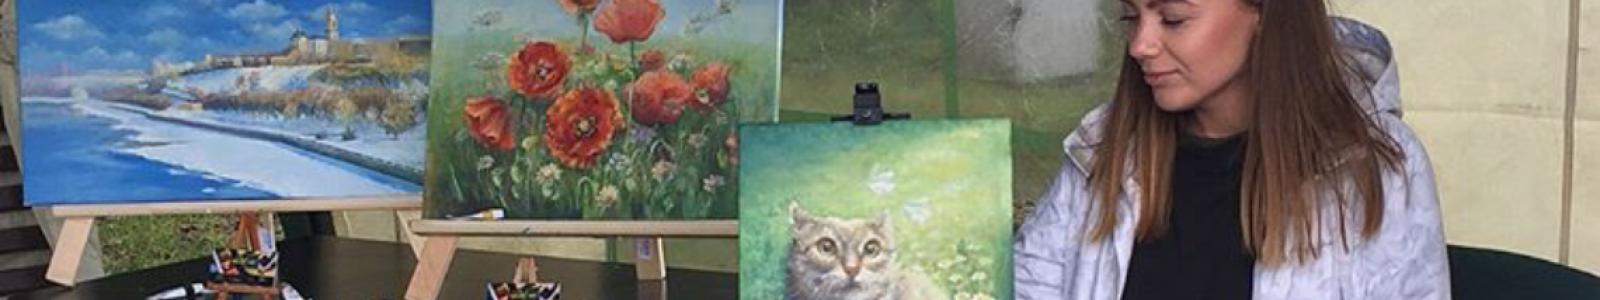 Gallery Painter Anastasia Oraina